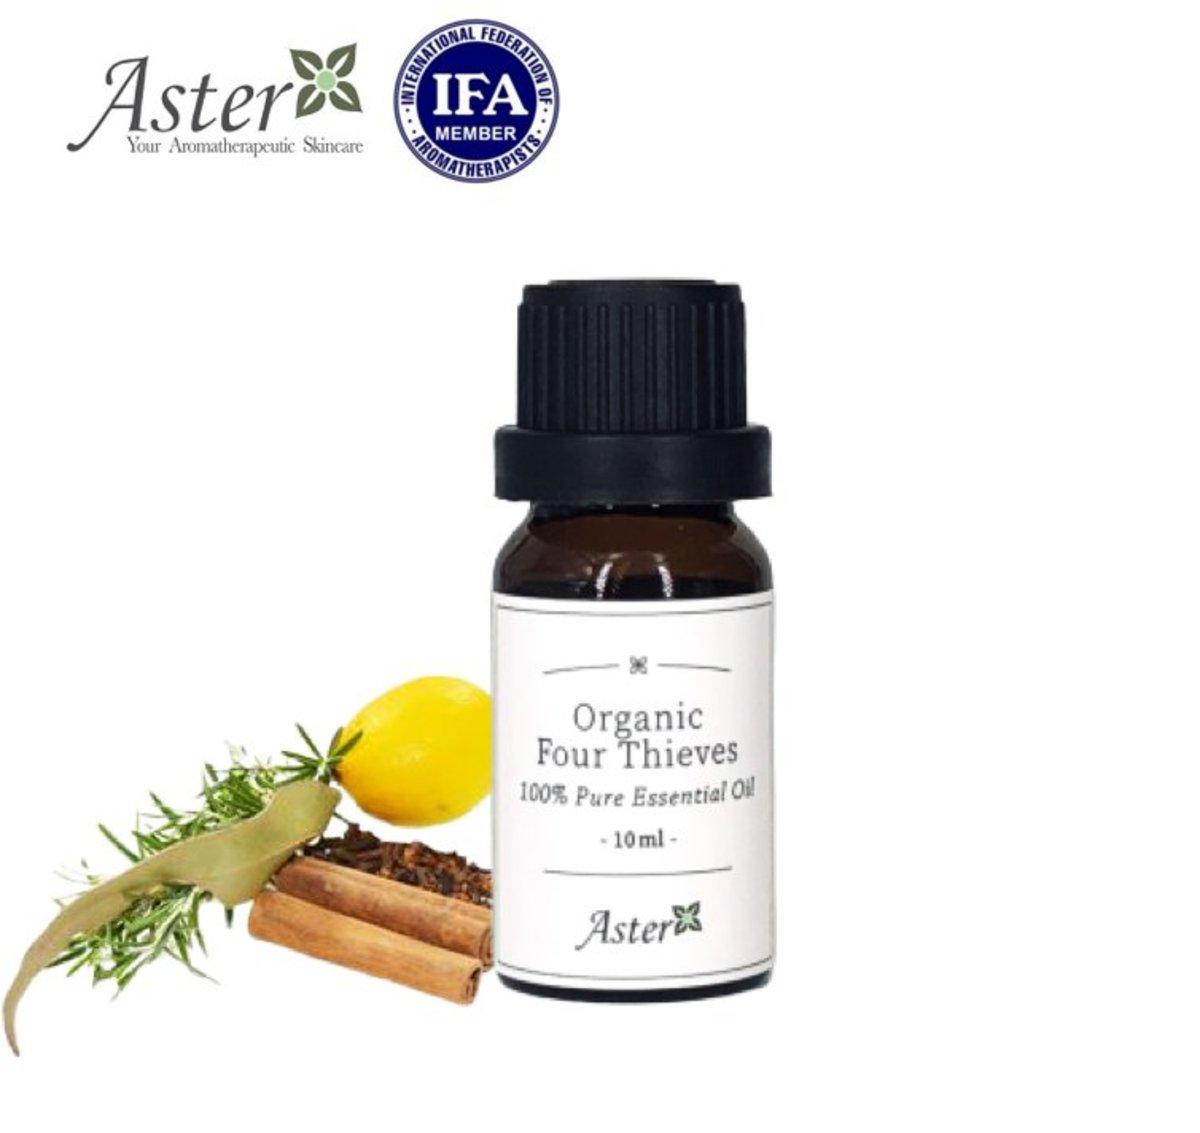 Organic Four Thieves Essential Oil - 10ml